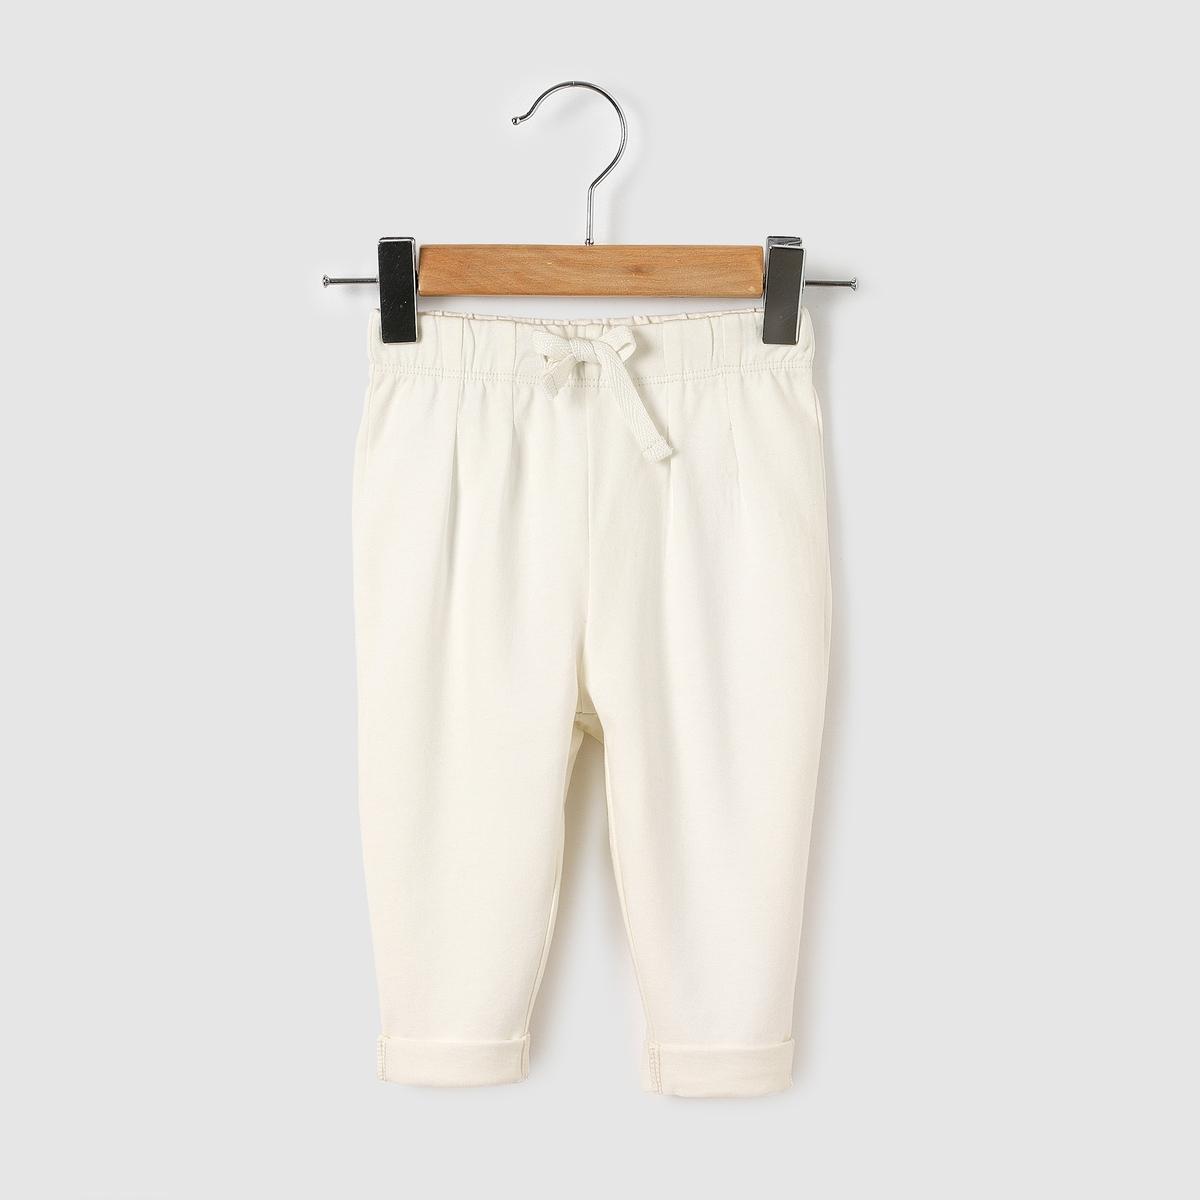 Брюки спортивные из хлопка, 0 мес. - 3 годаСпортивные брюки из джерси. Эластичный пояс, складки спереди и сзади, на завязках. Низ брючин с отворотами. Состав и описание :Материал       80% хлопка, 20% полиэстераМарка       R ?ditionУход :Стирать и гладить с изнаночной стороныМашинная стирка при 40 °C с вещами схожих цветовМашинная сушка в умеренном режимеГладить при средней температуре<br><br>Цвет: серый меланж,экрю<br>Размер: 6 мес. - 67 см.18 мес. - 81 см